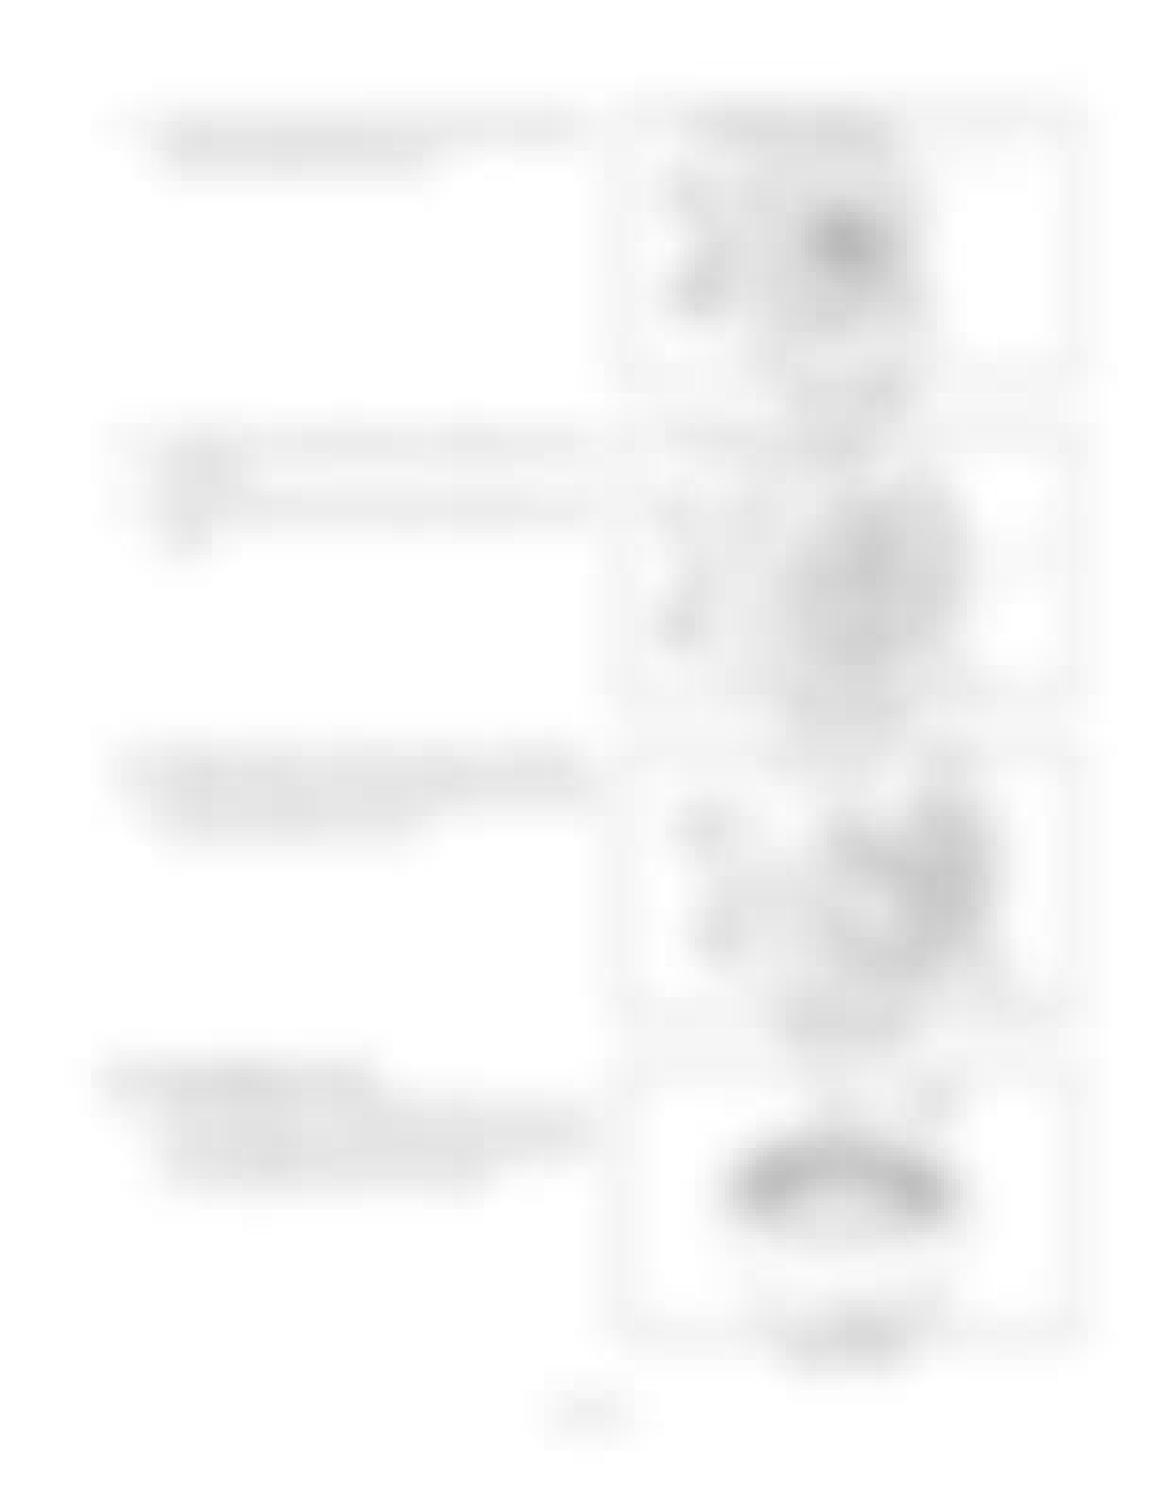 Hitachi LX110-7 LX130-7 LX160-7 LX190-7 LX230-7 Wheel Loader Workshop Manual - PDF DOWNLOAD page 243